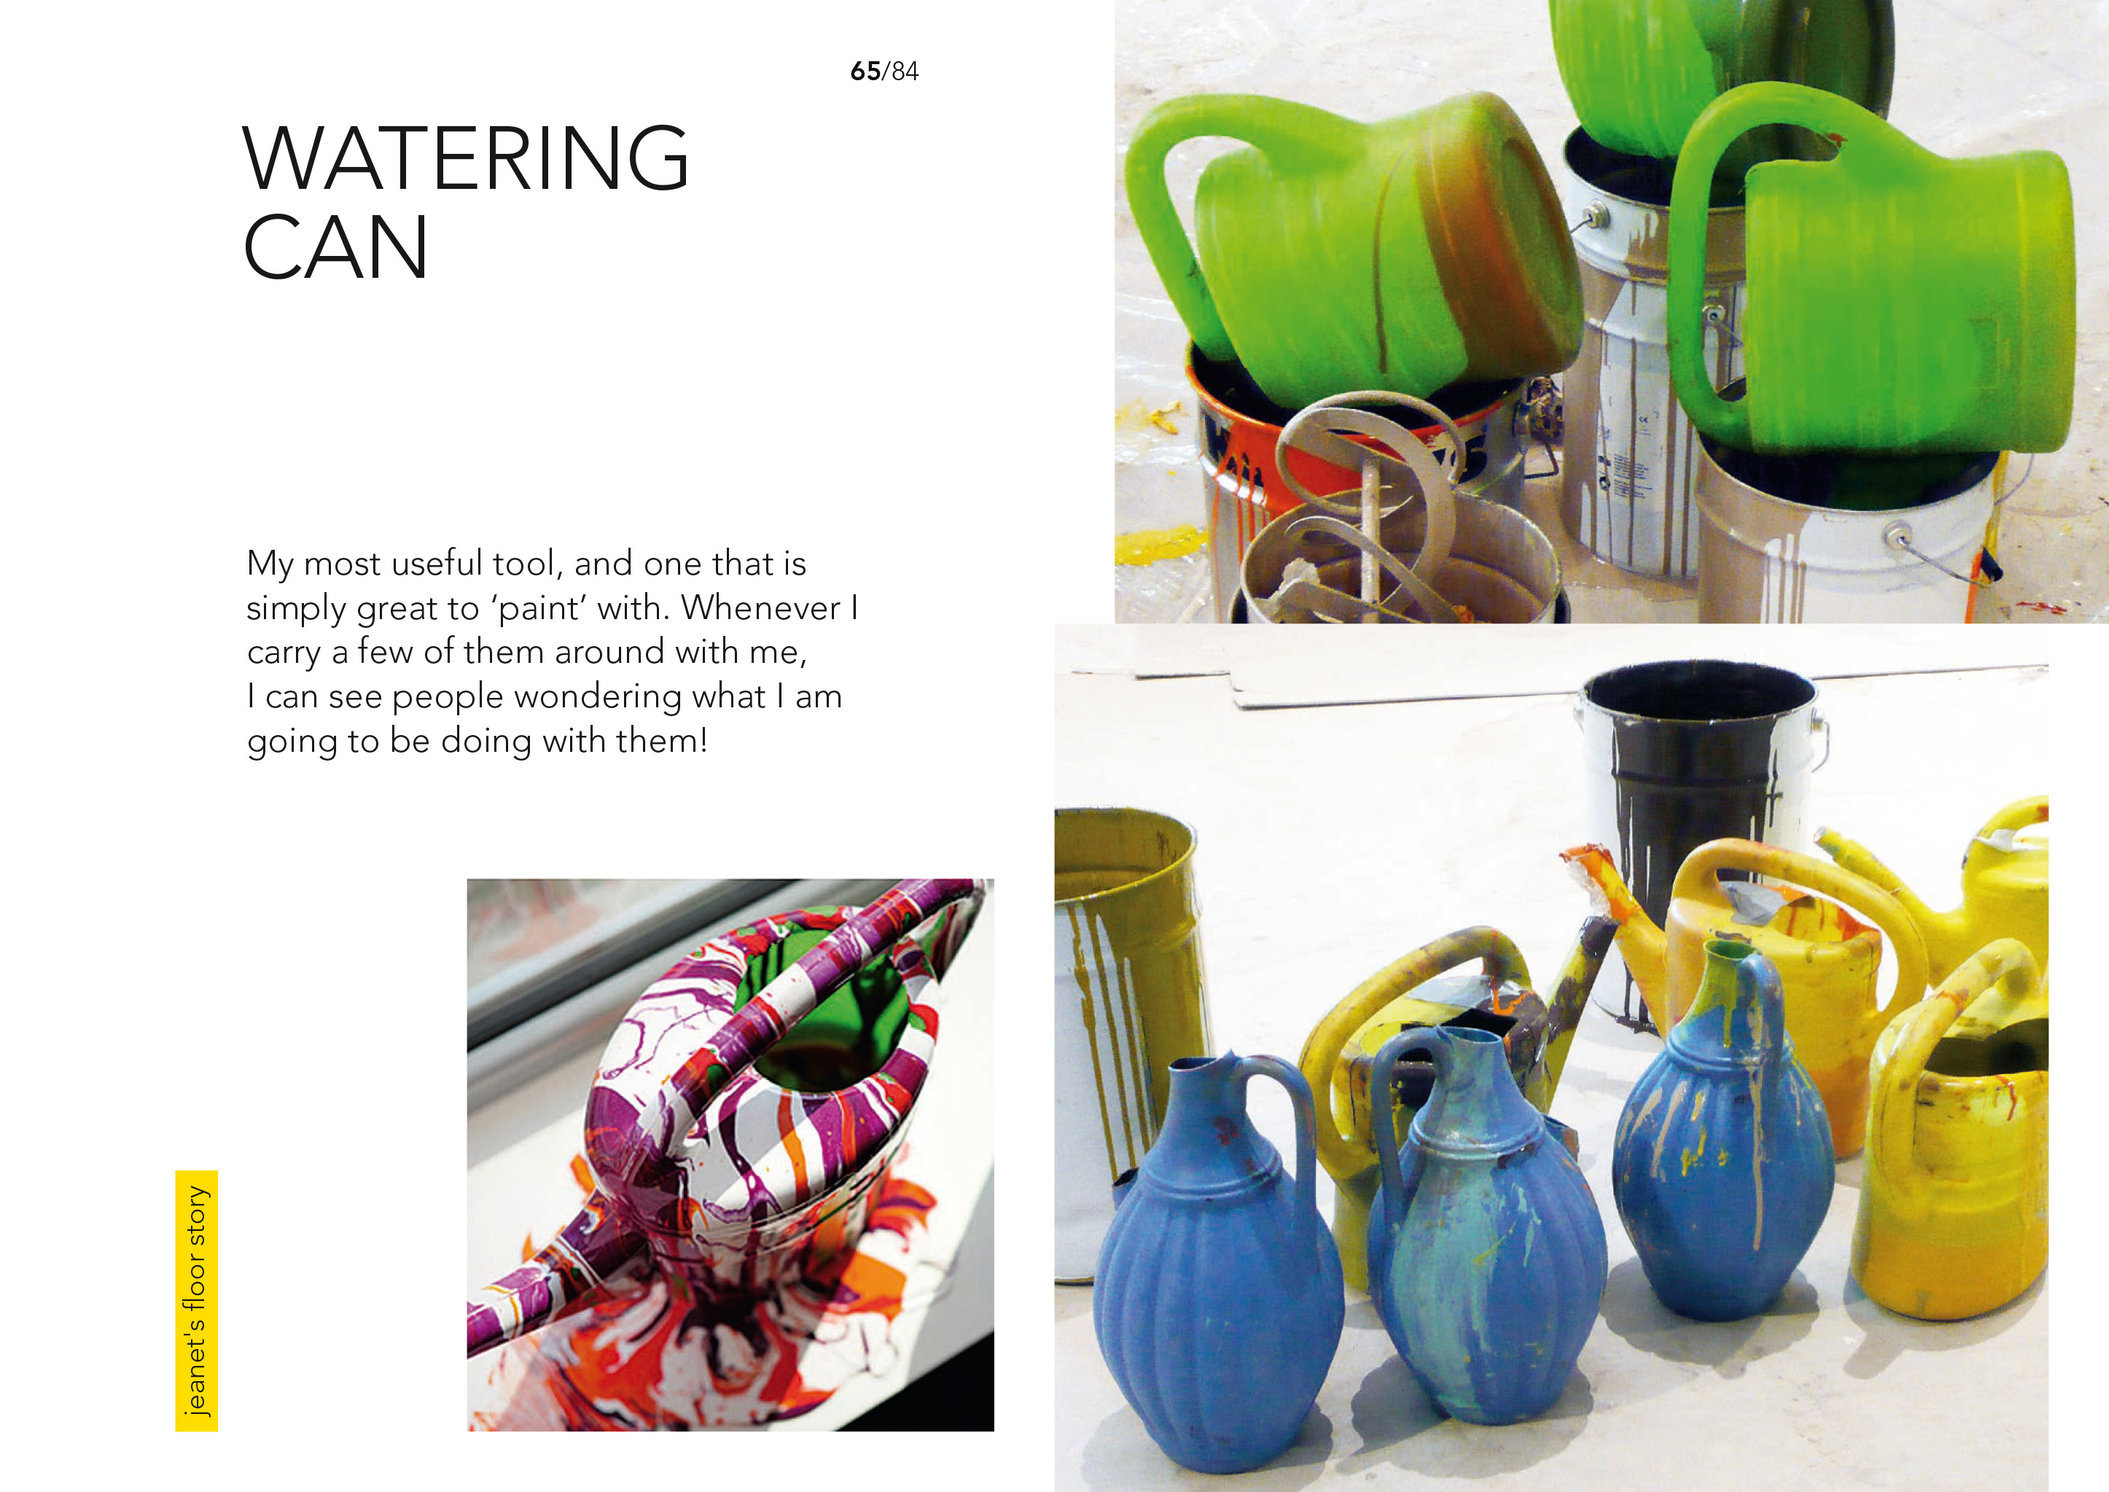 broschüre_artonfloor 33.jpg